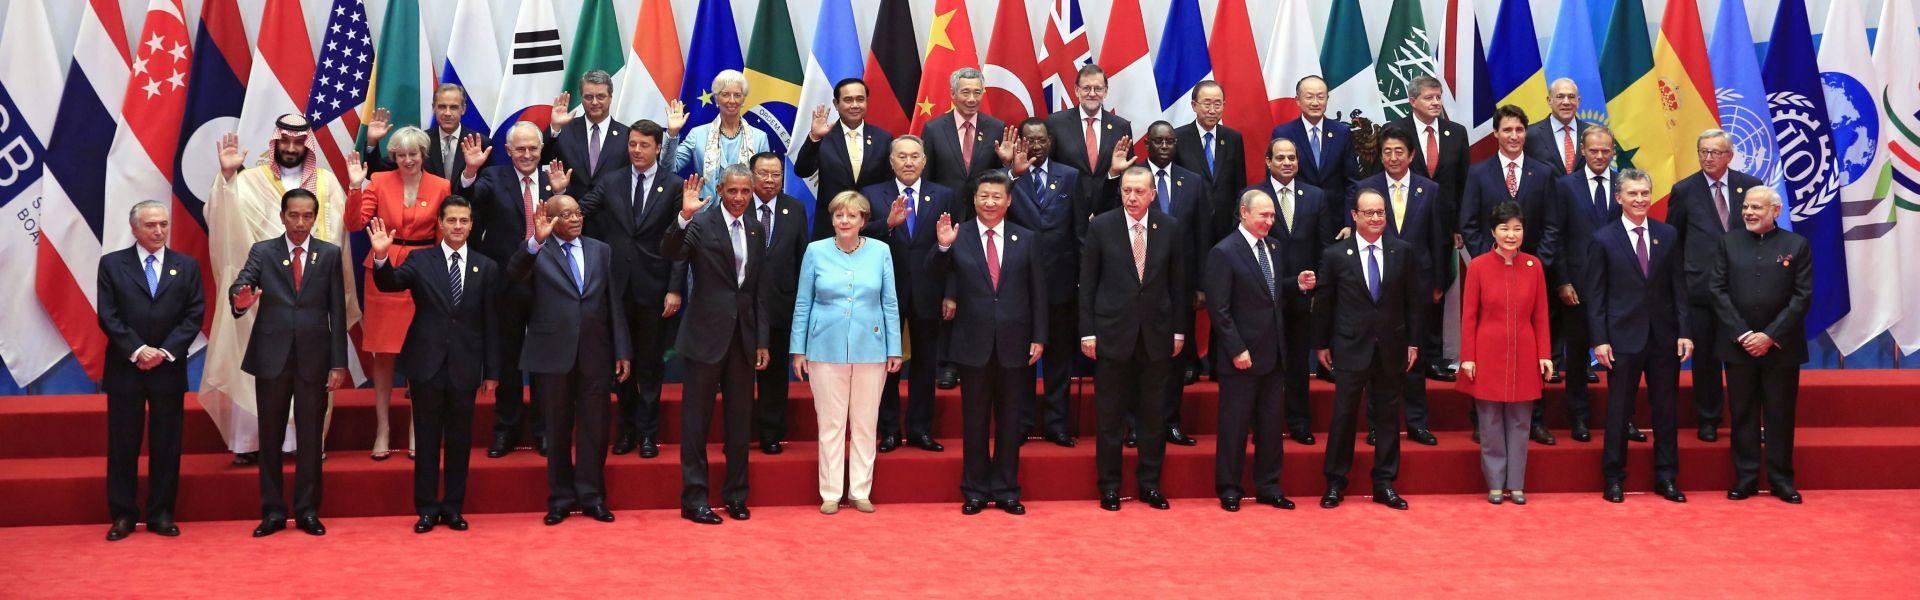 SUMMIT G20: Prepirke oko novinarskih sloboda i dočeka Obame u Kini